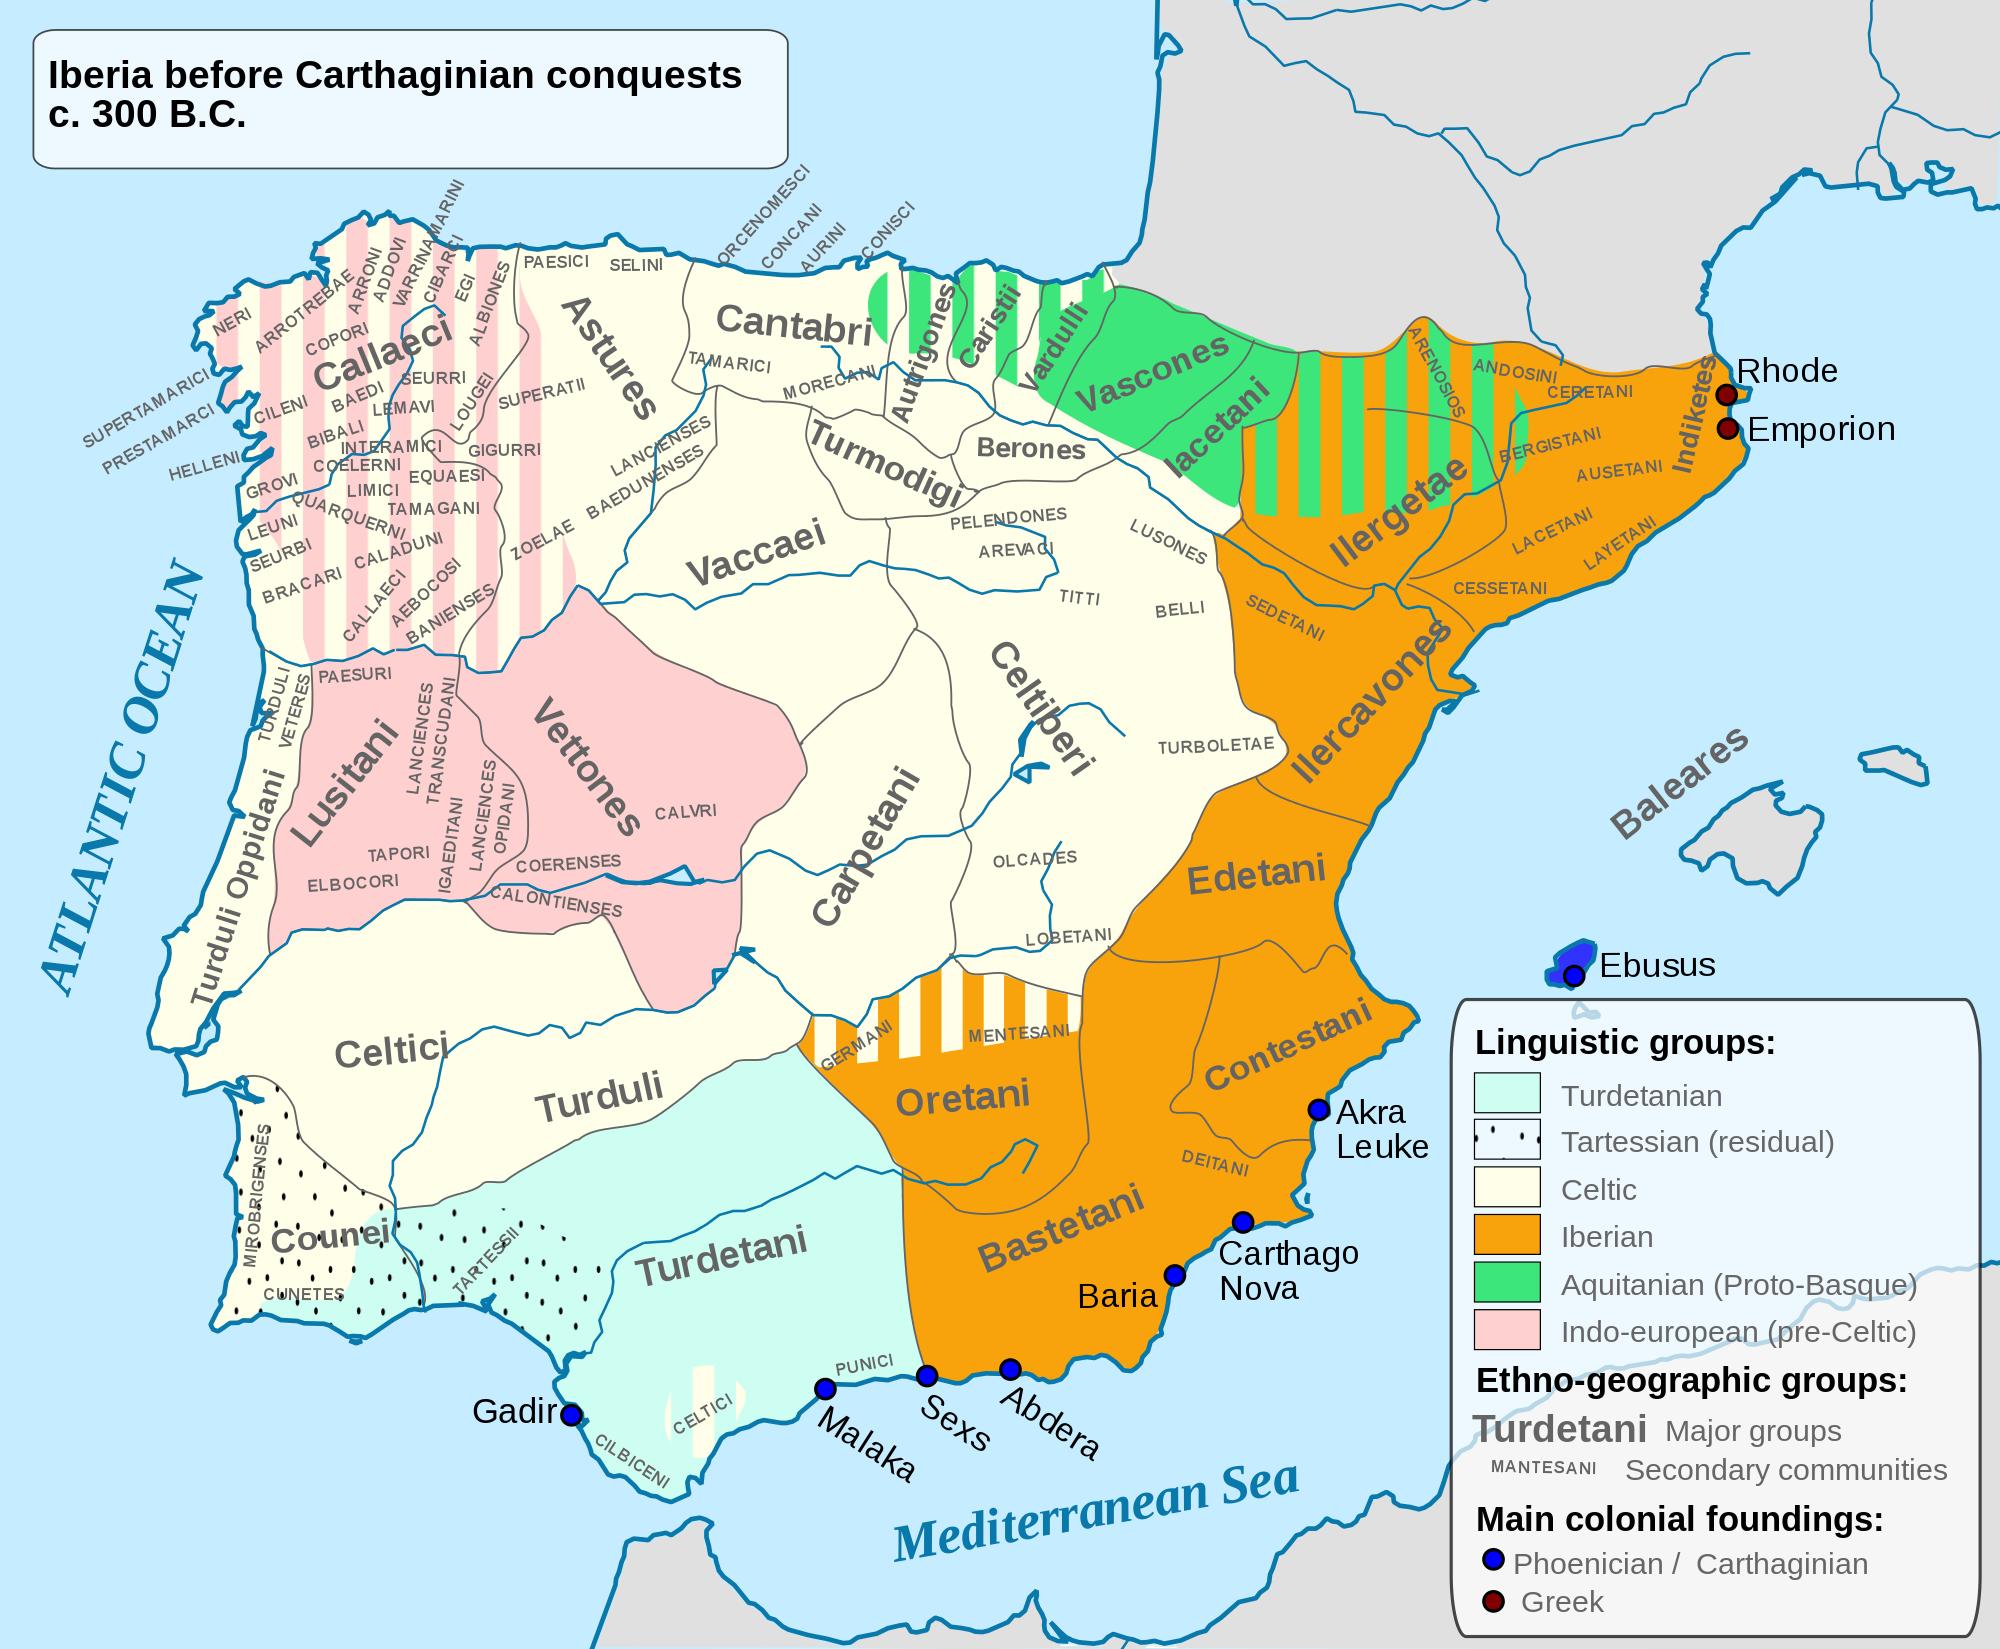 Iberian Peninsula B.C. 300